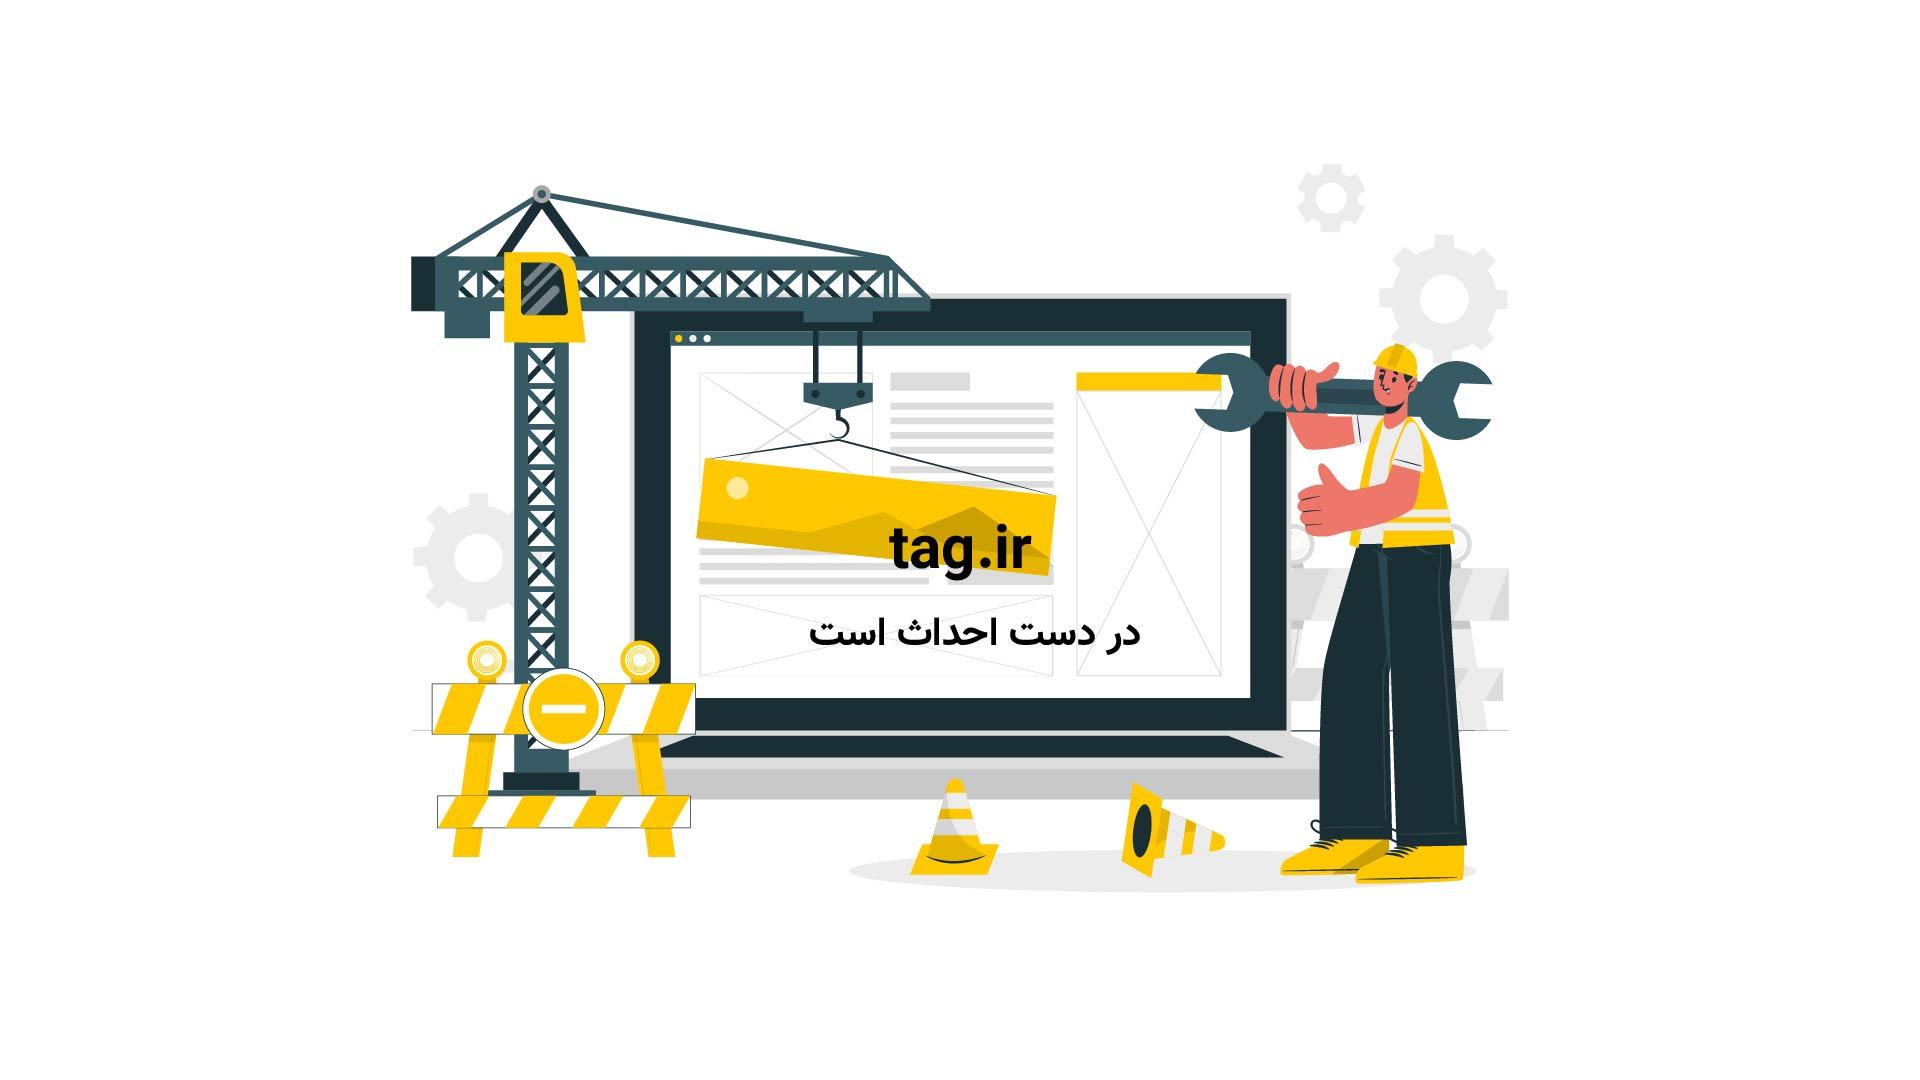 اسکوتر برقی چهار چرخه محصول جدید ژاپنی | فیلم